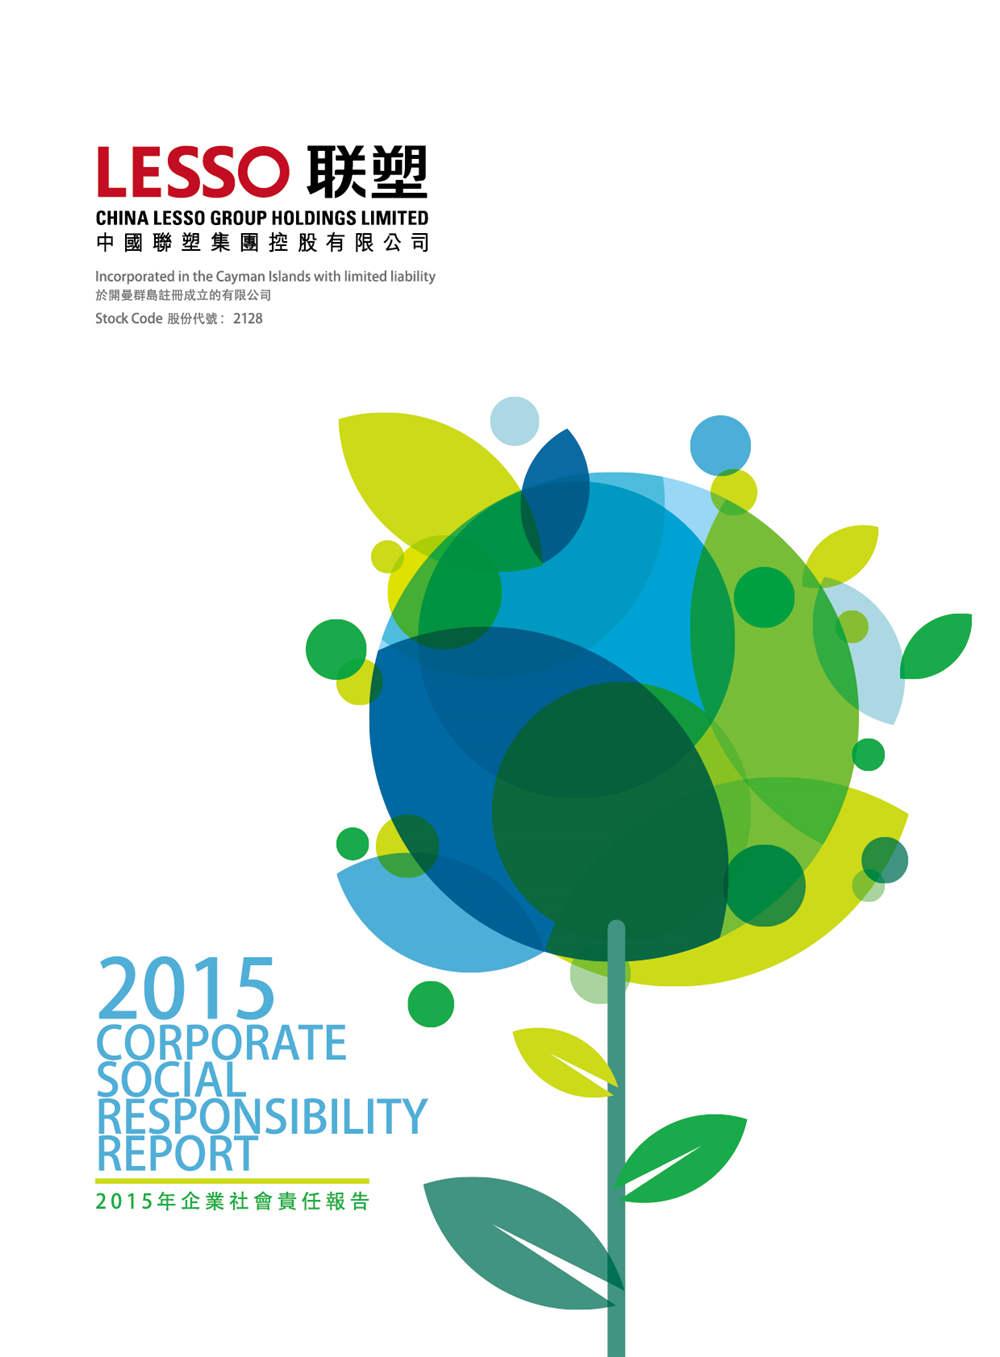 2015年企业社会责任报告